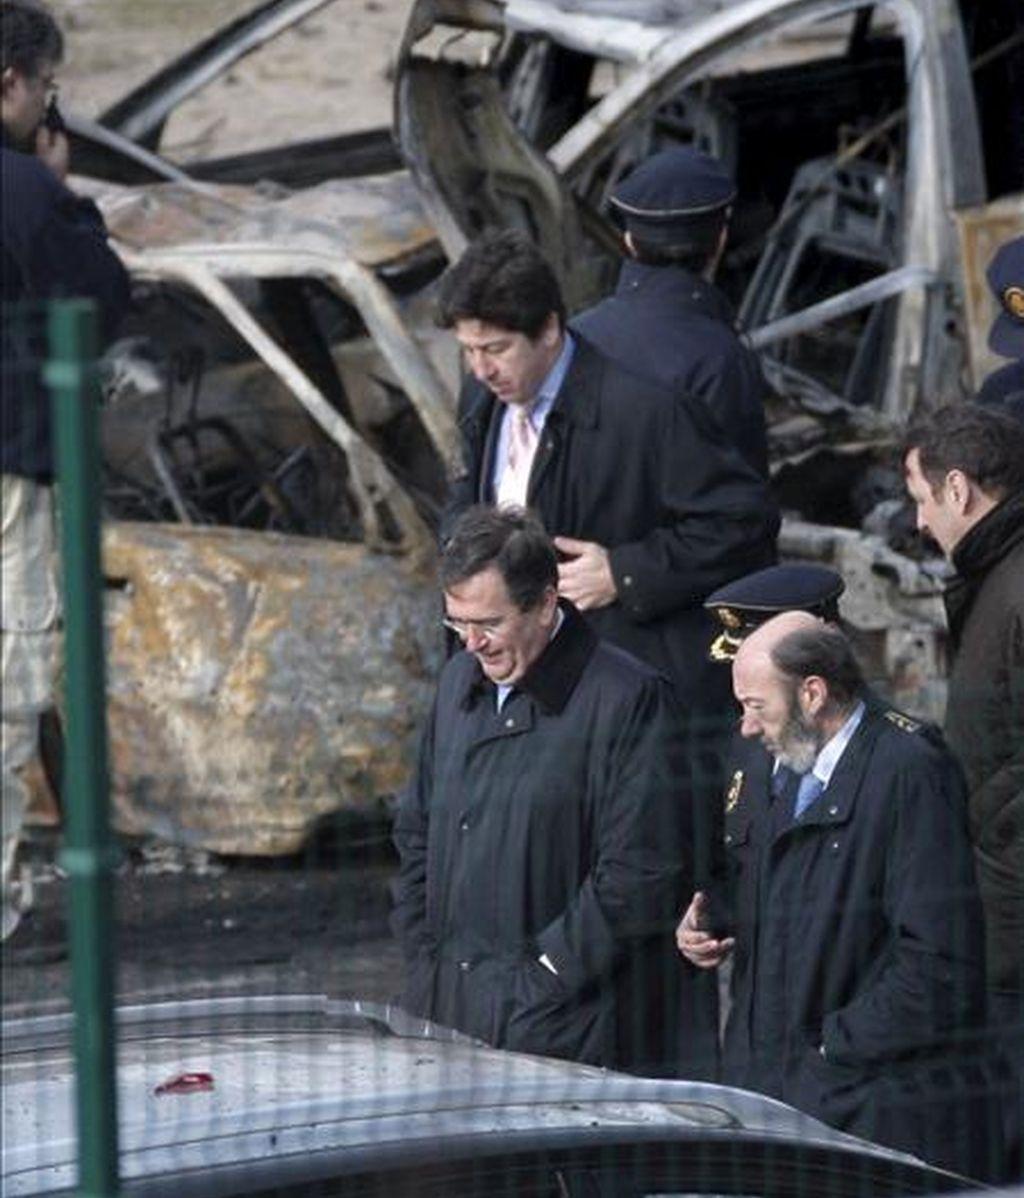 El ministro del Interior, Alfredo Pérez Rubacalaba (d), observa los destrozos causados por la explosión de un coche bomba ocurrida esta mañana en el Campo de las Naciones de Madrid. EFE